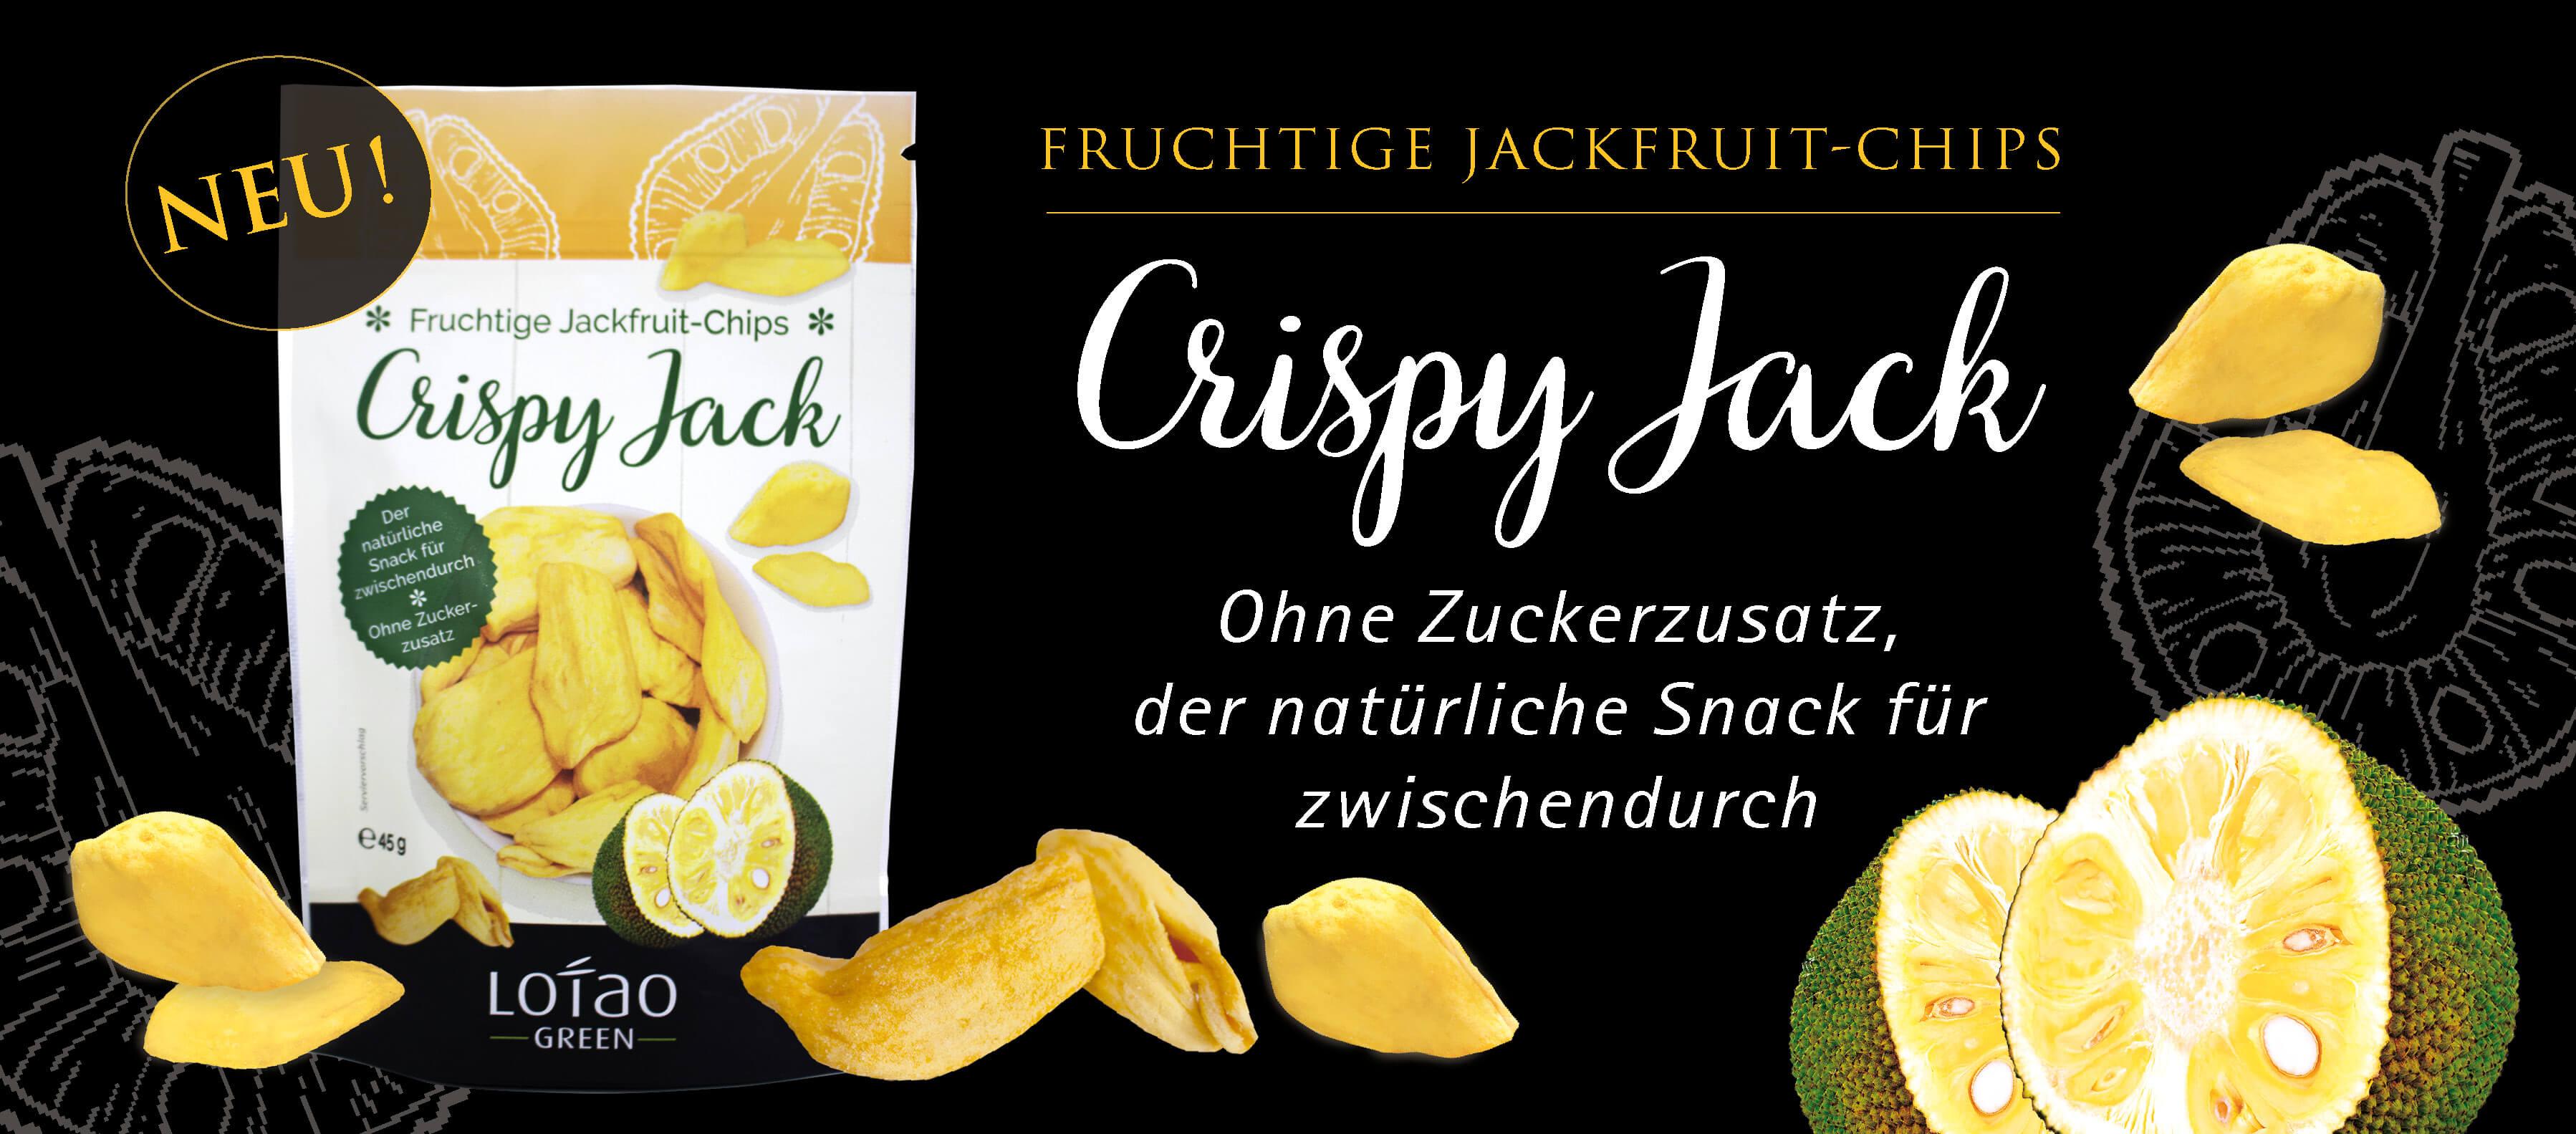 Neu: Jackfruit-Chips - Crispy Jack Snack